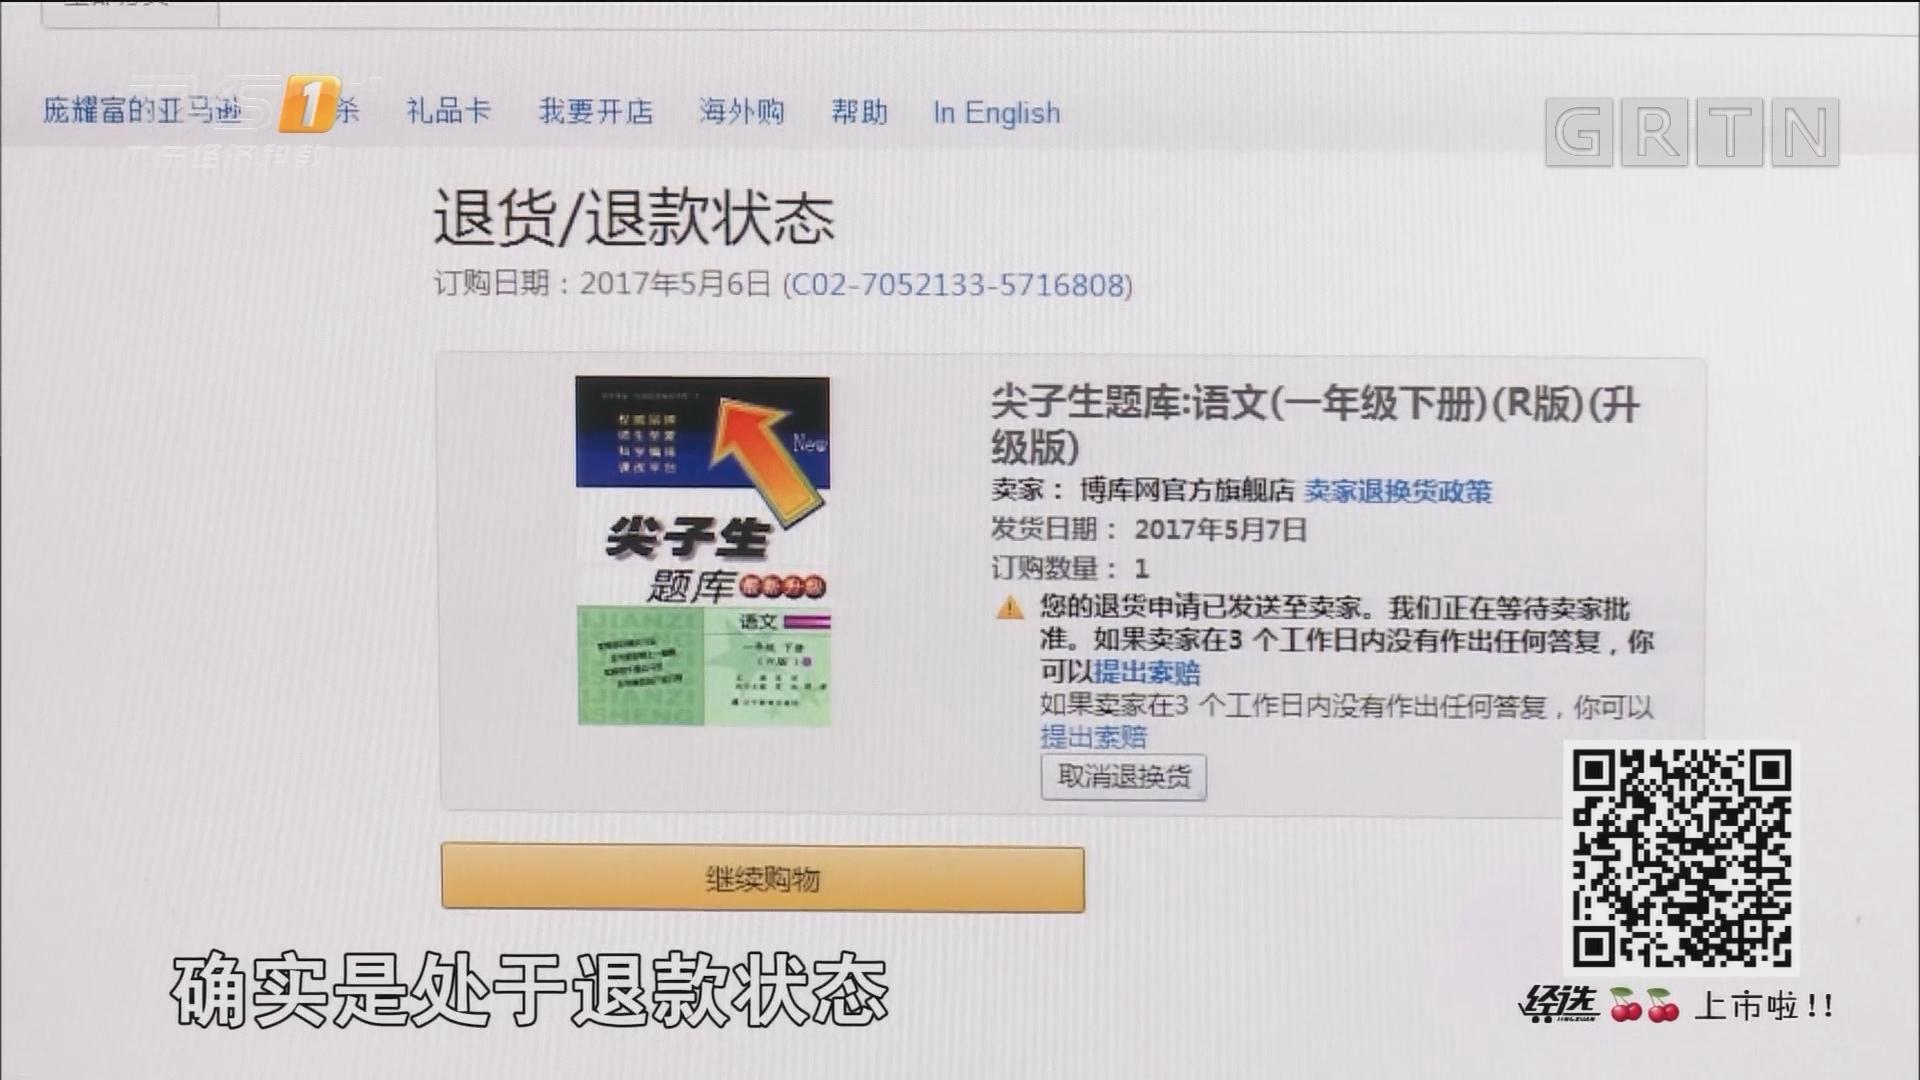 官网被挂钓鱼网站 广州男购书被骗5万